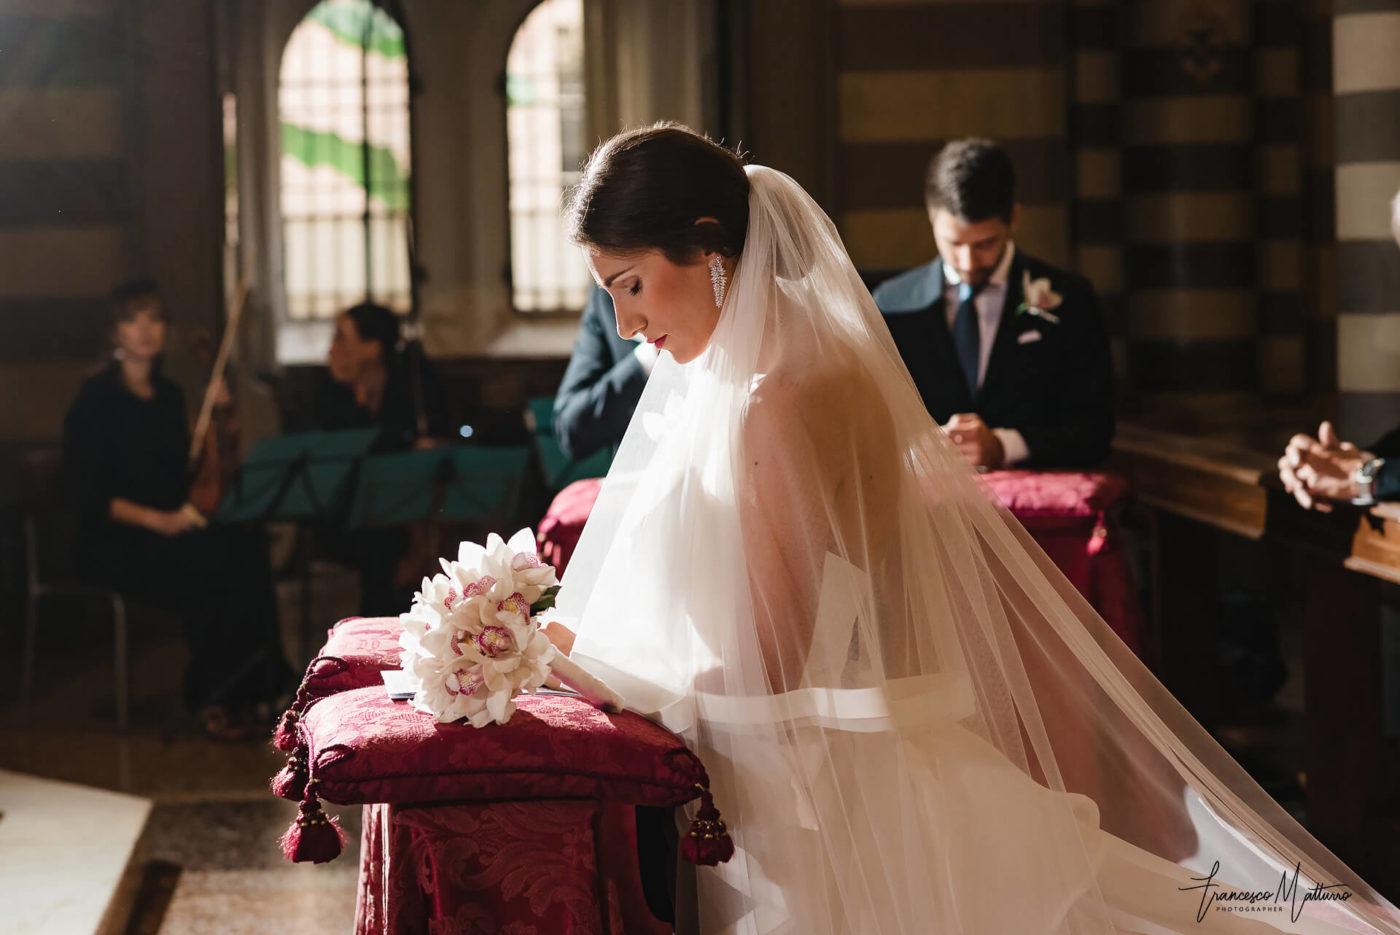 Fotografia di matrimonio ad Asti sposa elegante con velo in chiesa e bouquet di Francesco Matturro